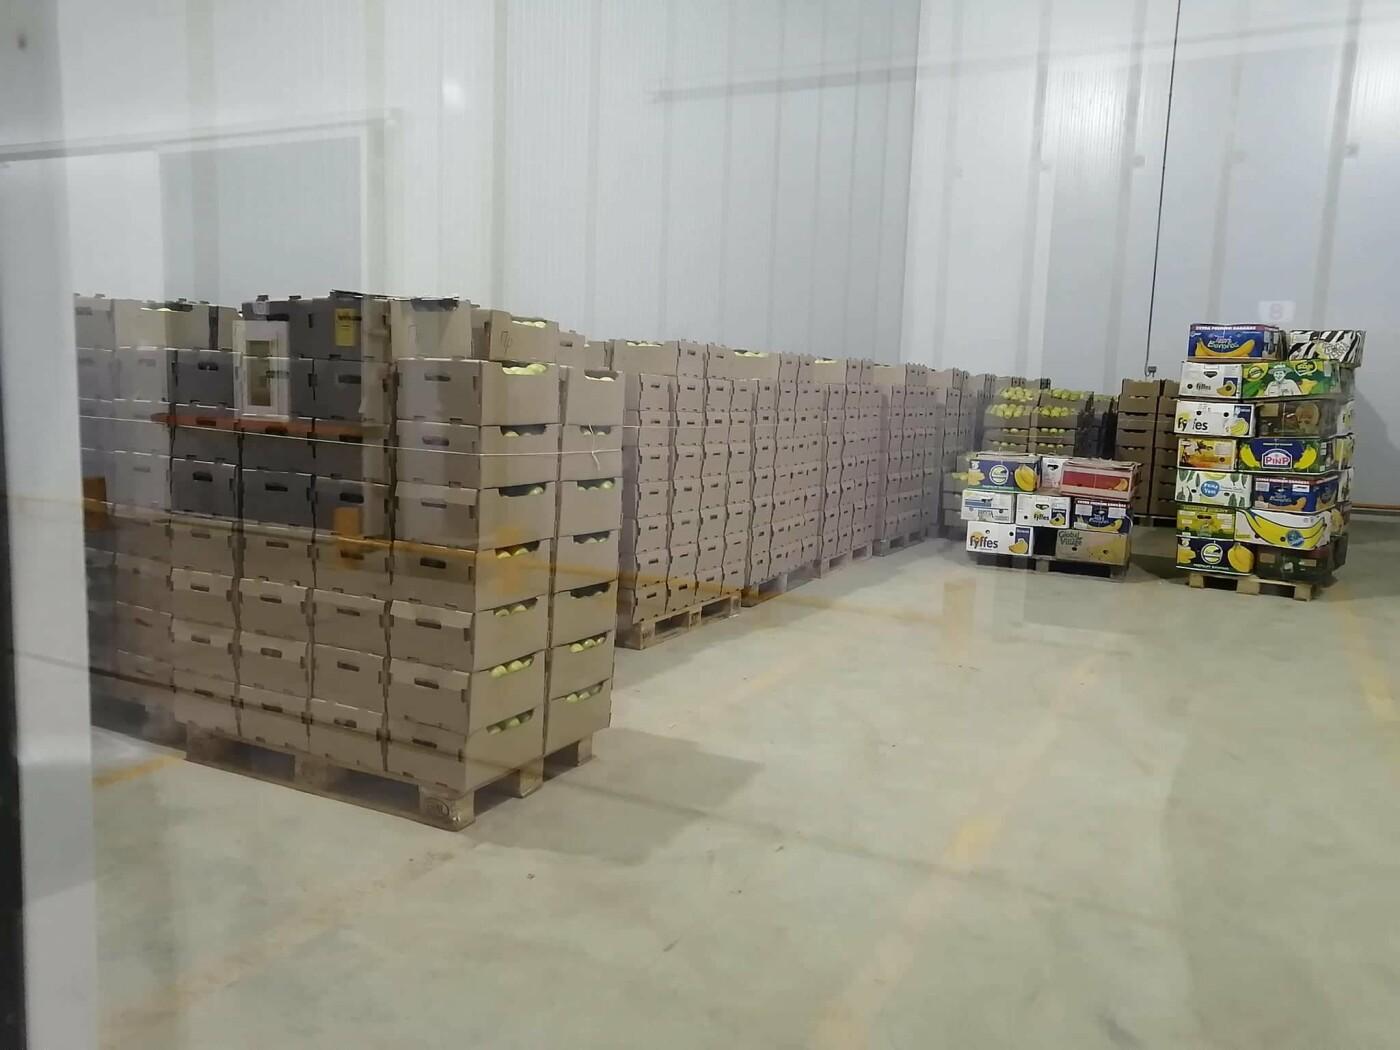 Склад для хранения яблок и  свиноводческий комплекс открылись в Алматинской области, фото-3